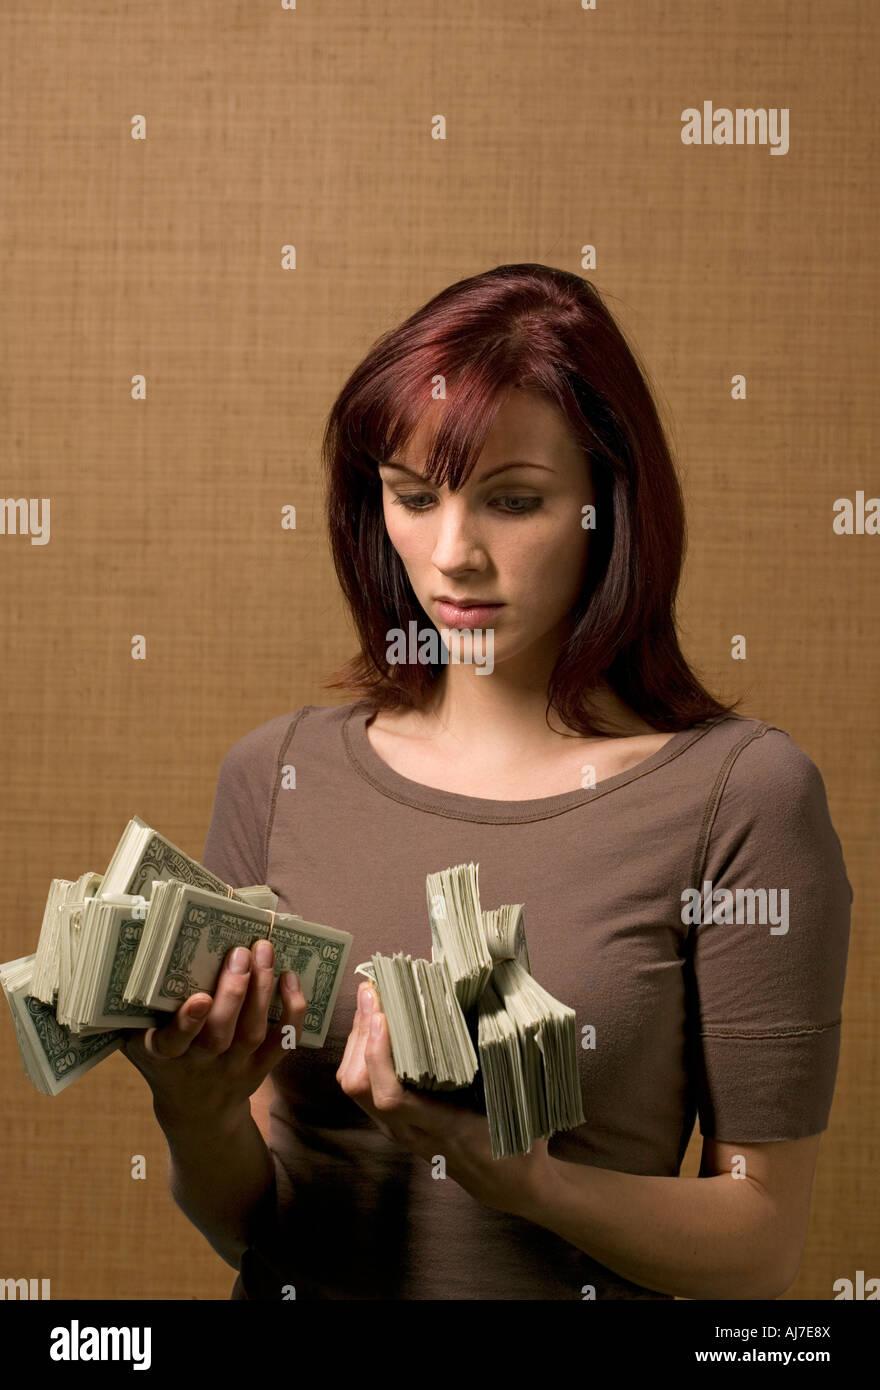 roten Haaren 25 bis 30 Jahre alte Frau Stapel von Geld in ihren Händen hält Stockbild